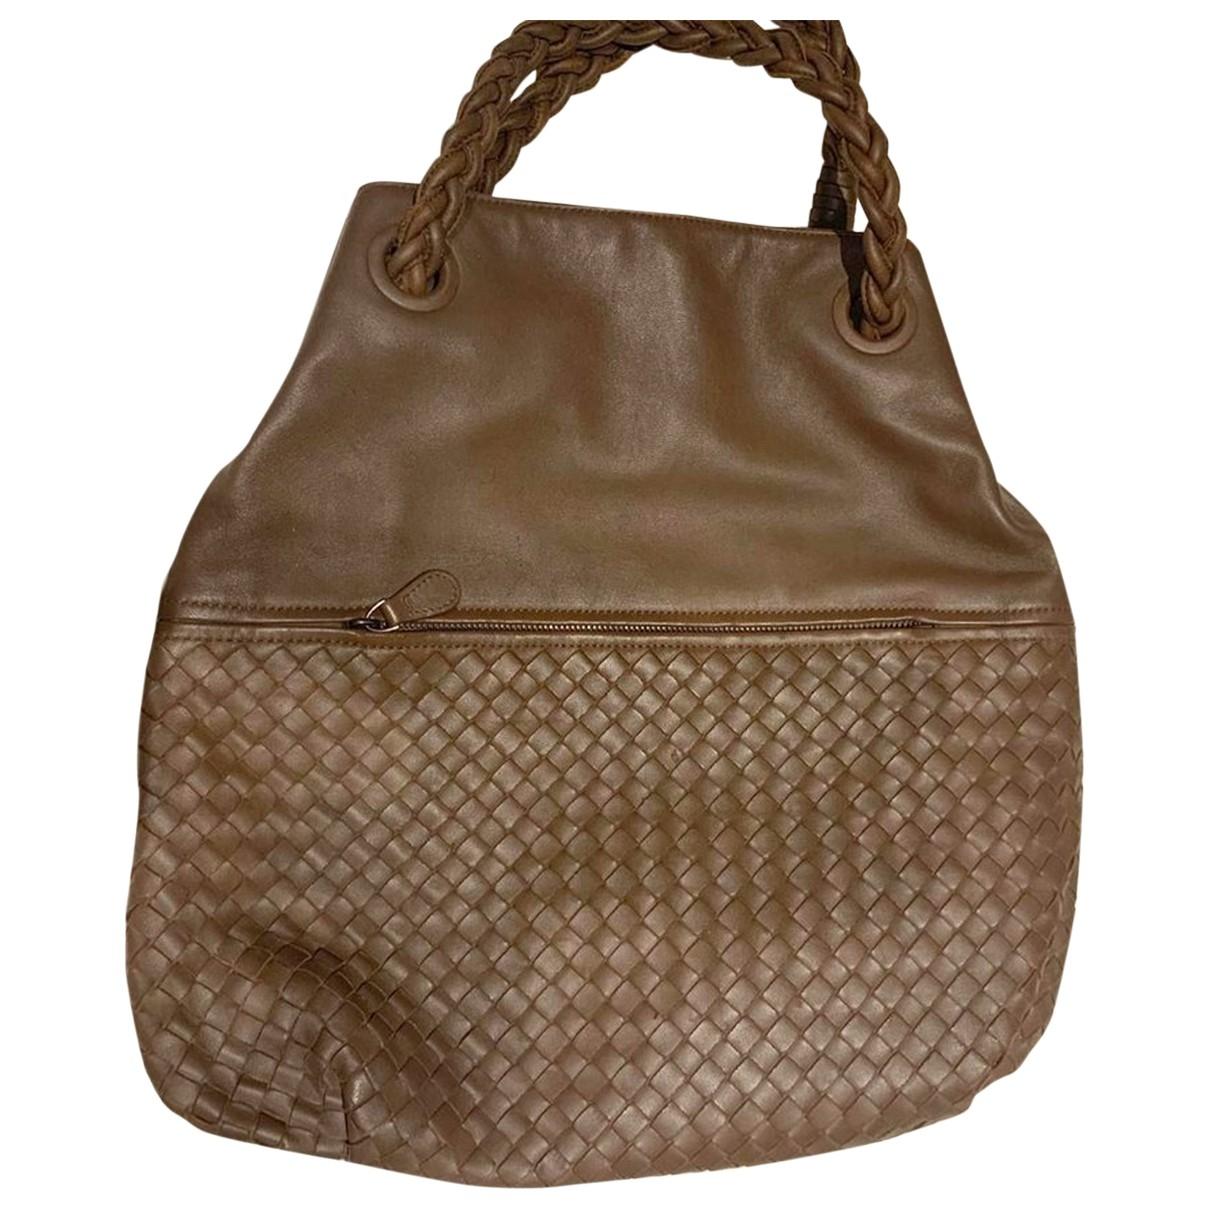 Bottega Veneta \N Leather handbag for Women \N